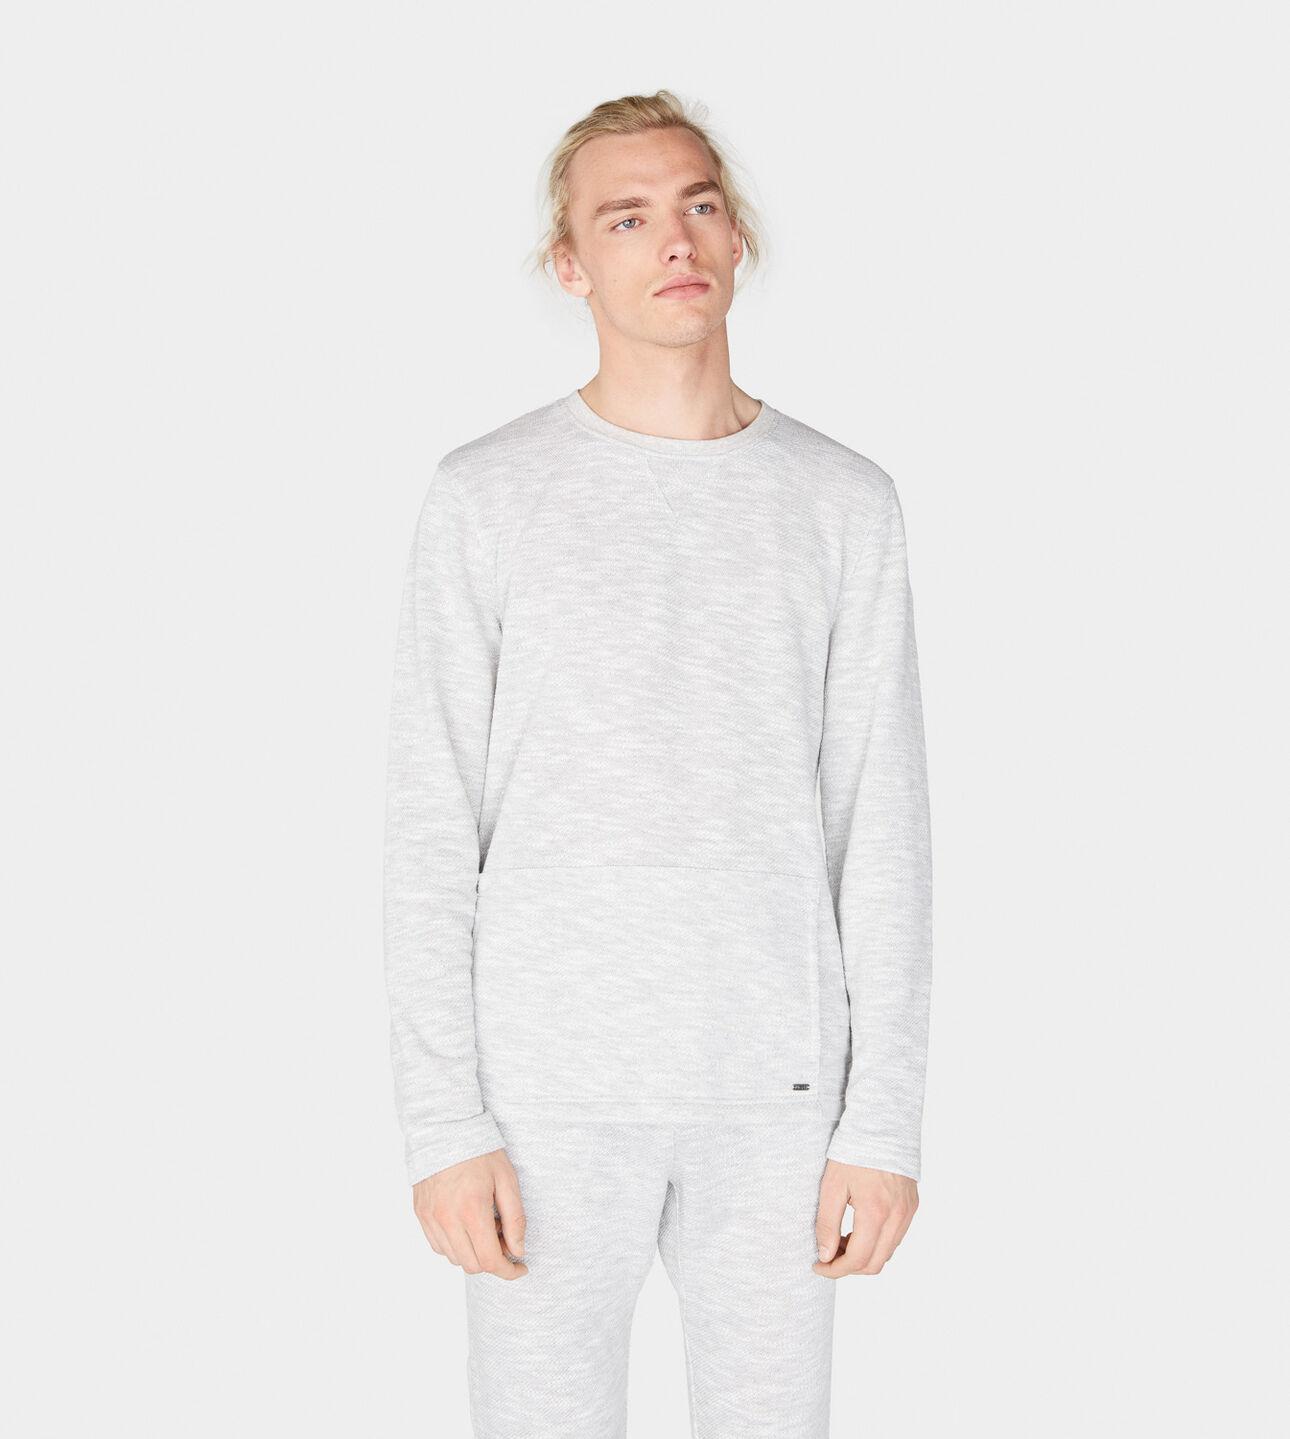 sweater uggs amazon